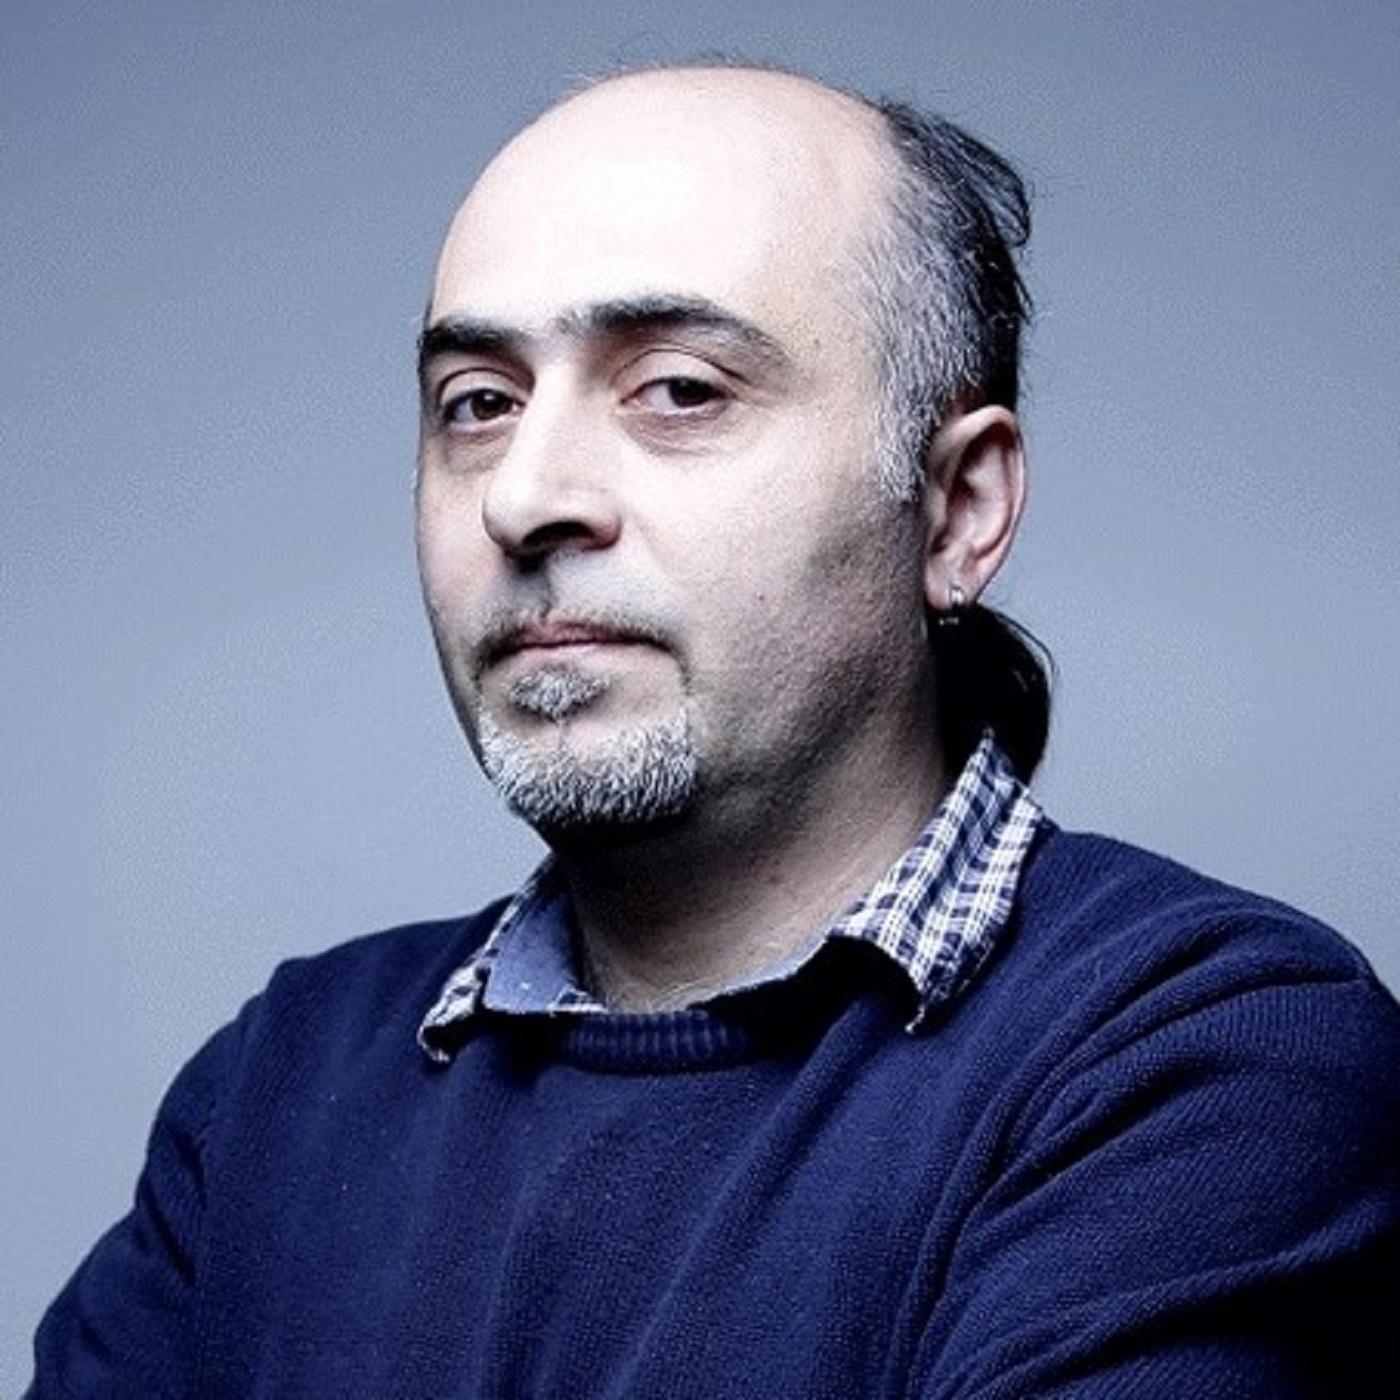 Technoworld/Տեխնոաշխարհ #9. 5G-ն զարգացնելու համար պիտի ունենանք համապատասխան հասարակություն.Սամվել Մարտիրոսյան